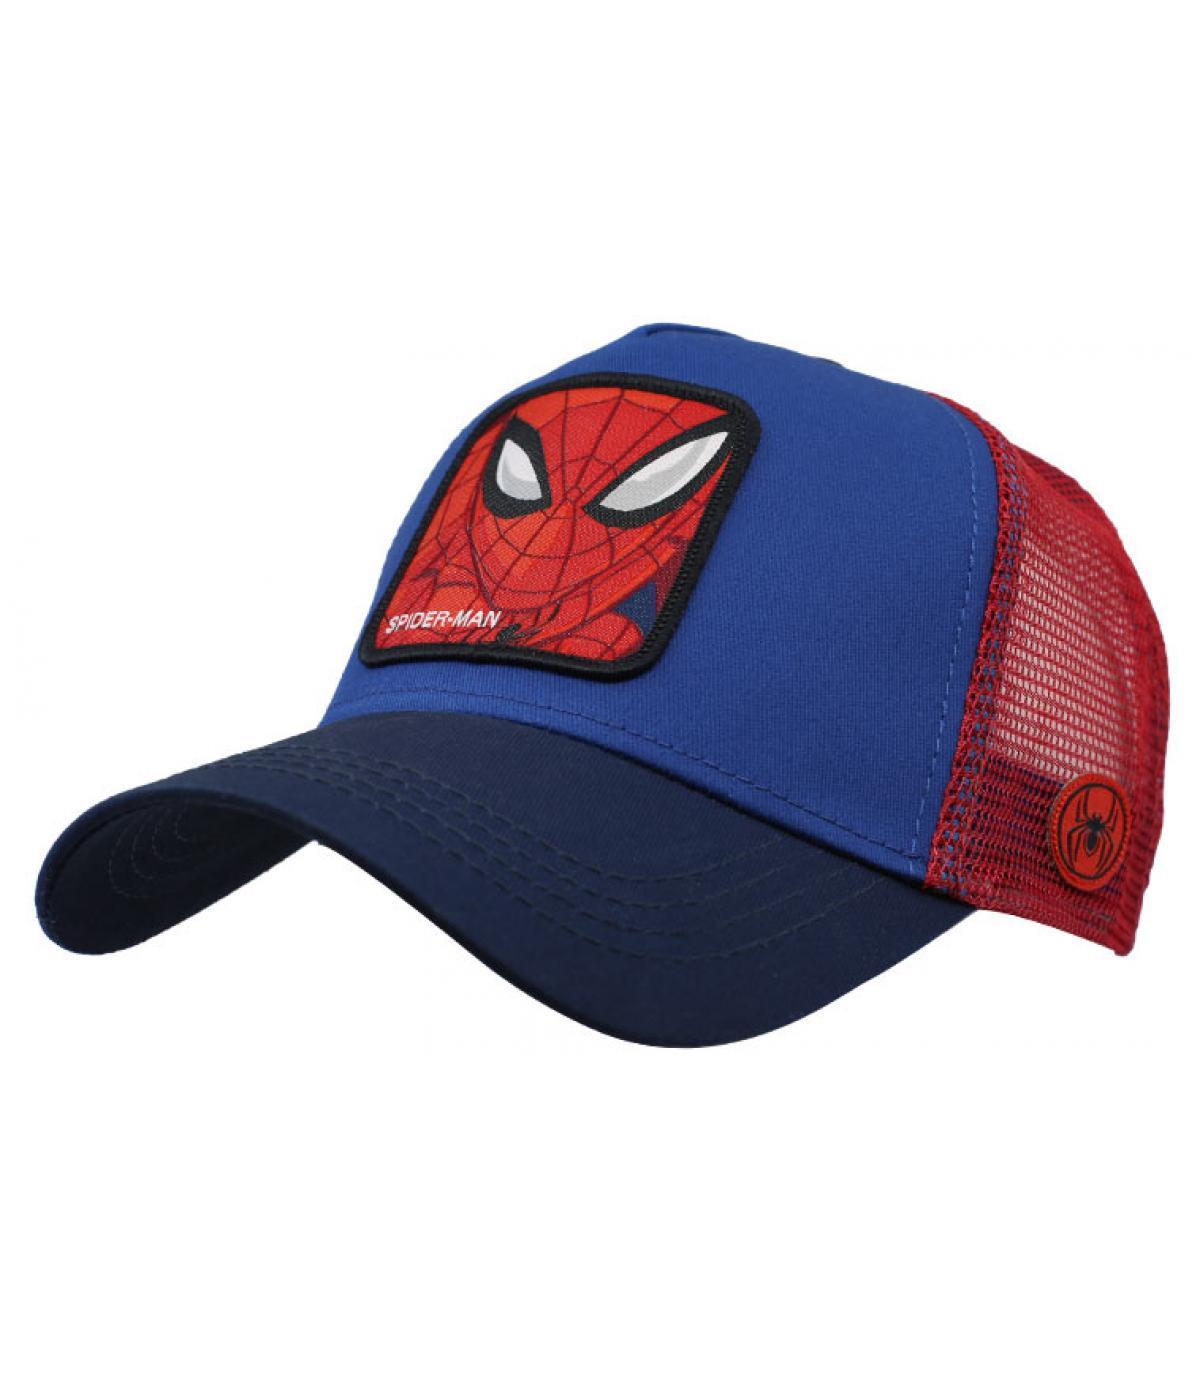 Détails Trucker Spiderman - image 2